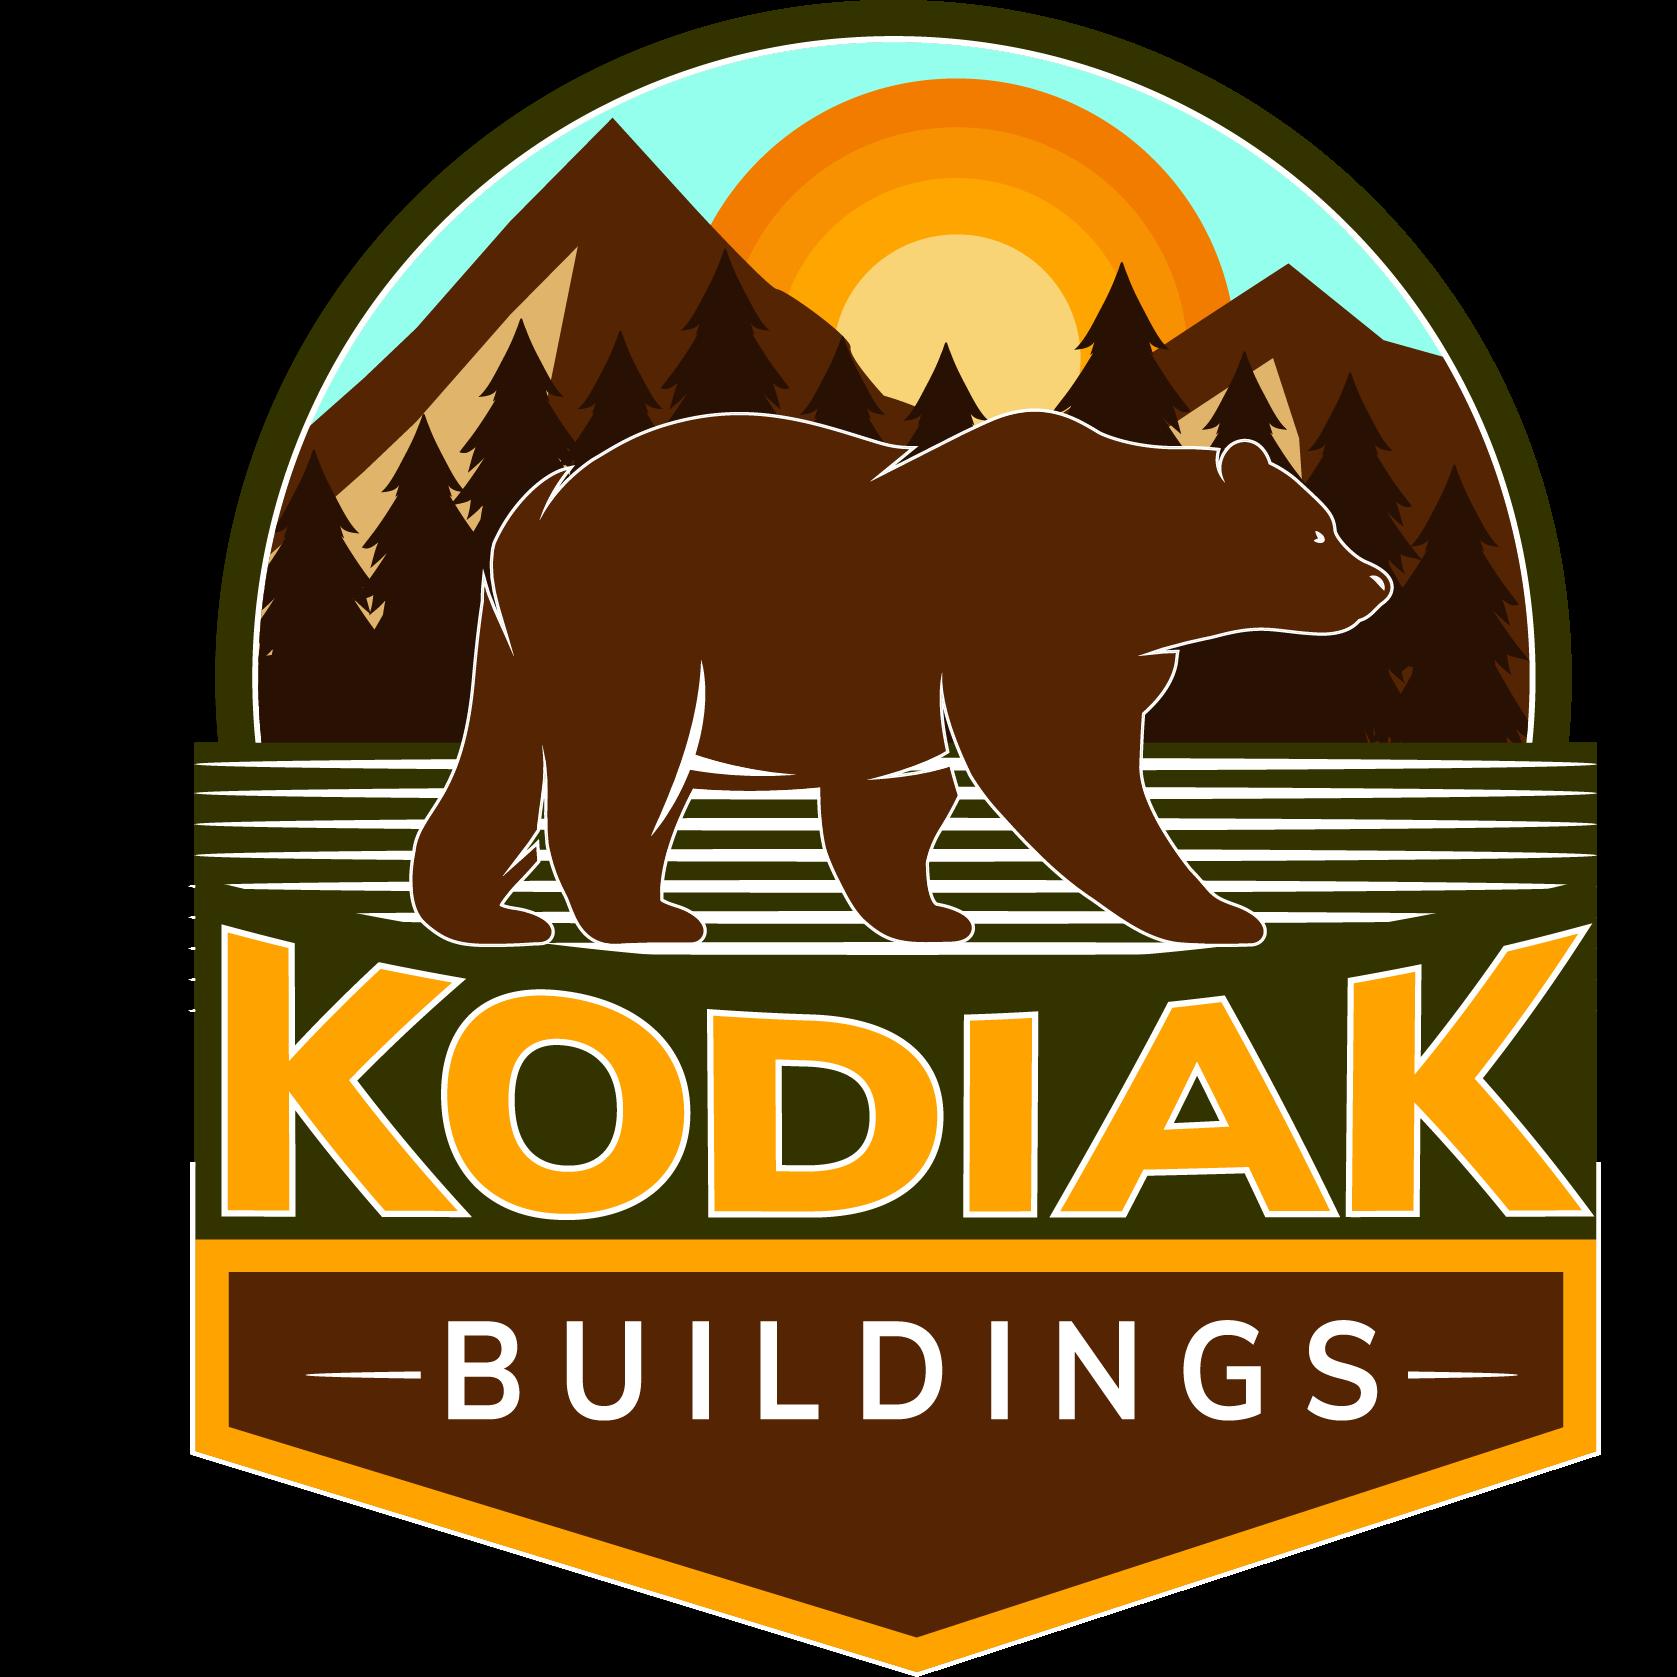 Kodiak Buildings